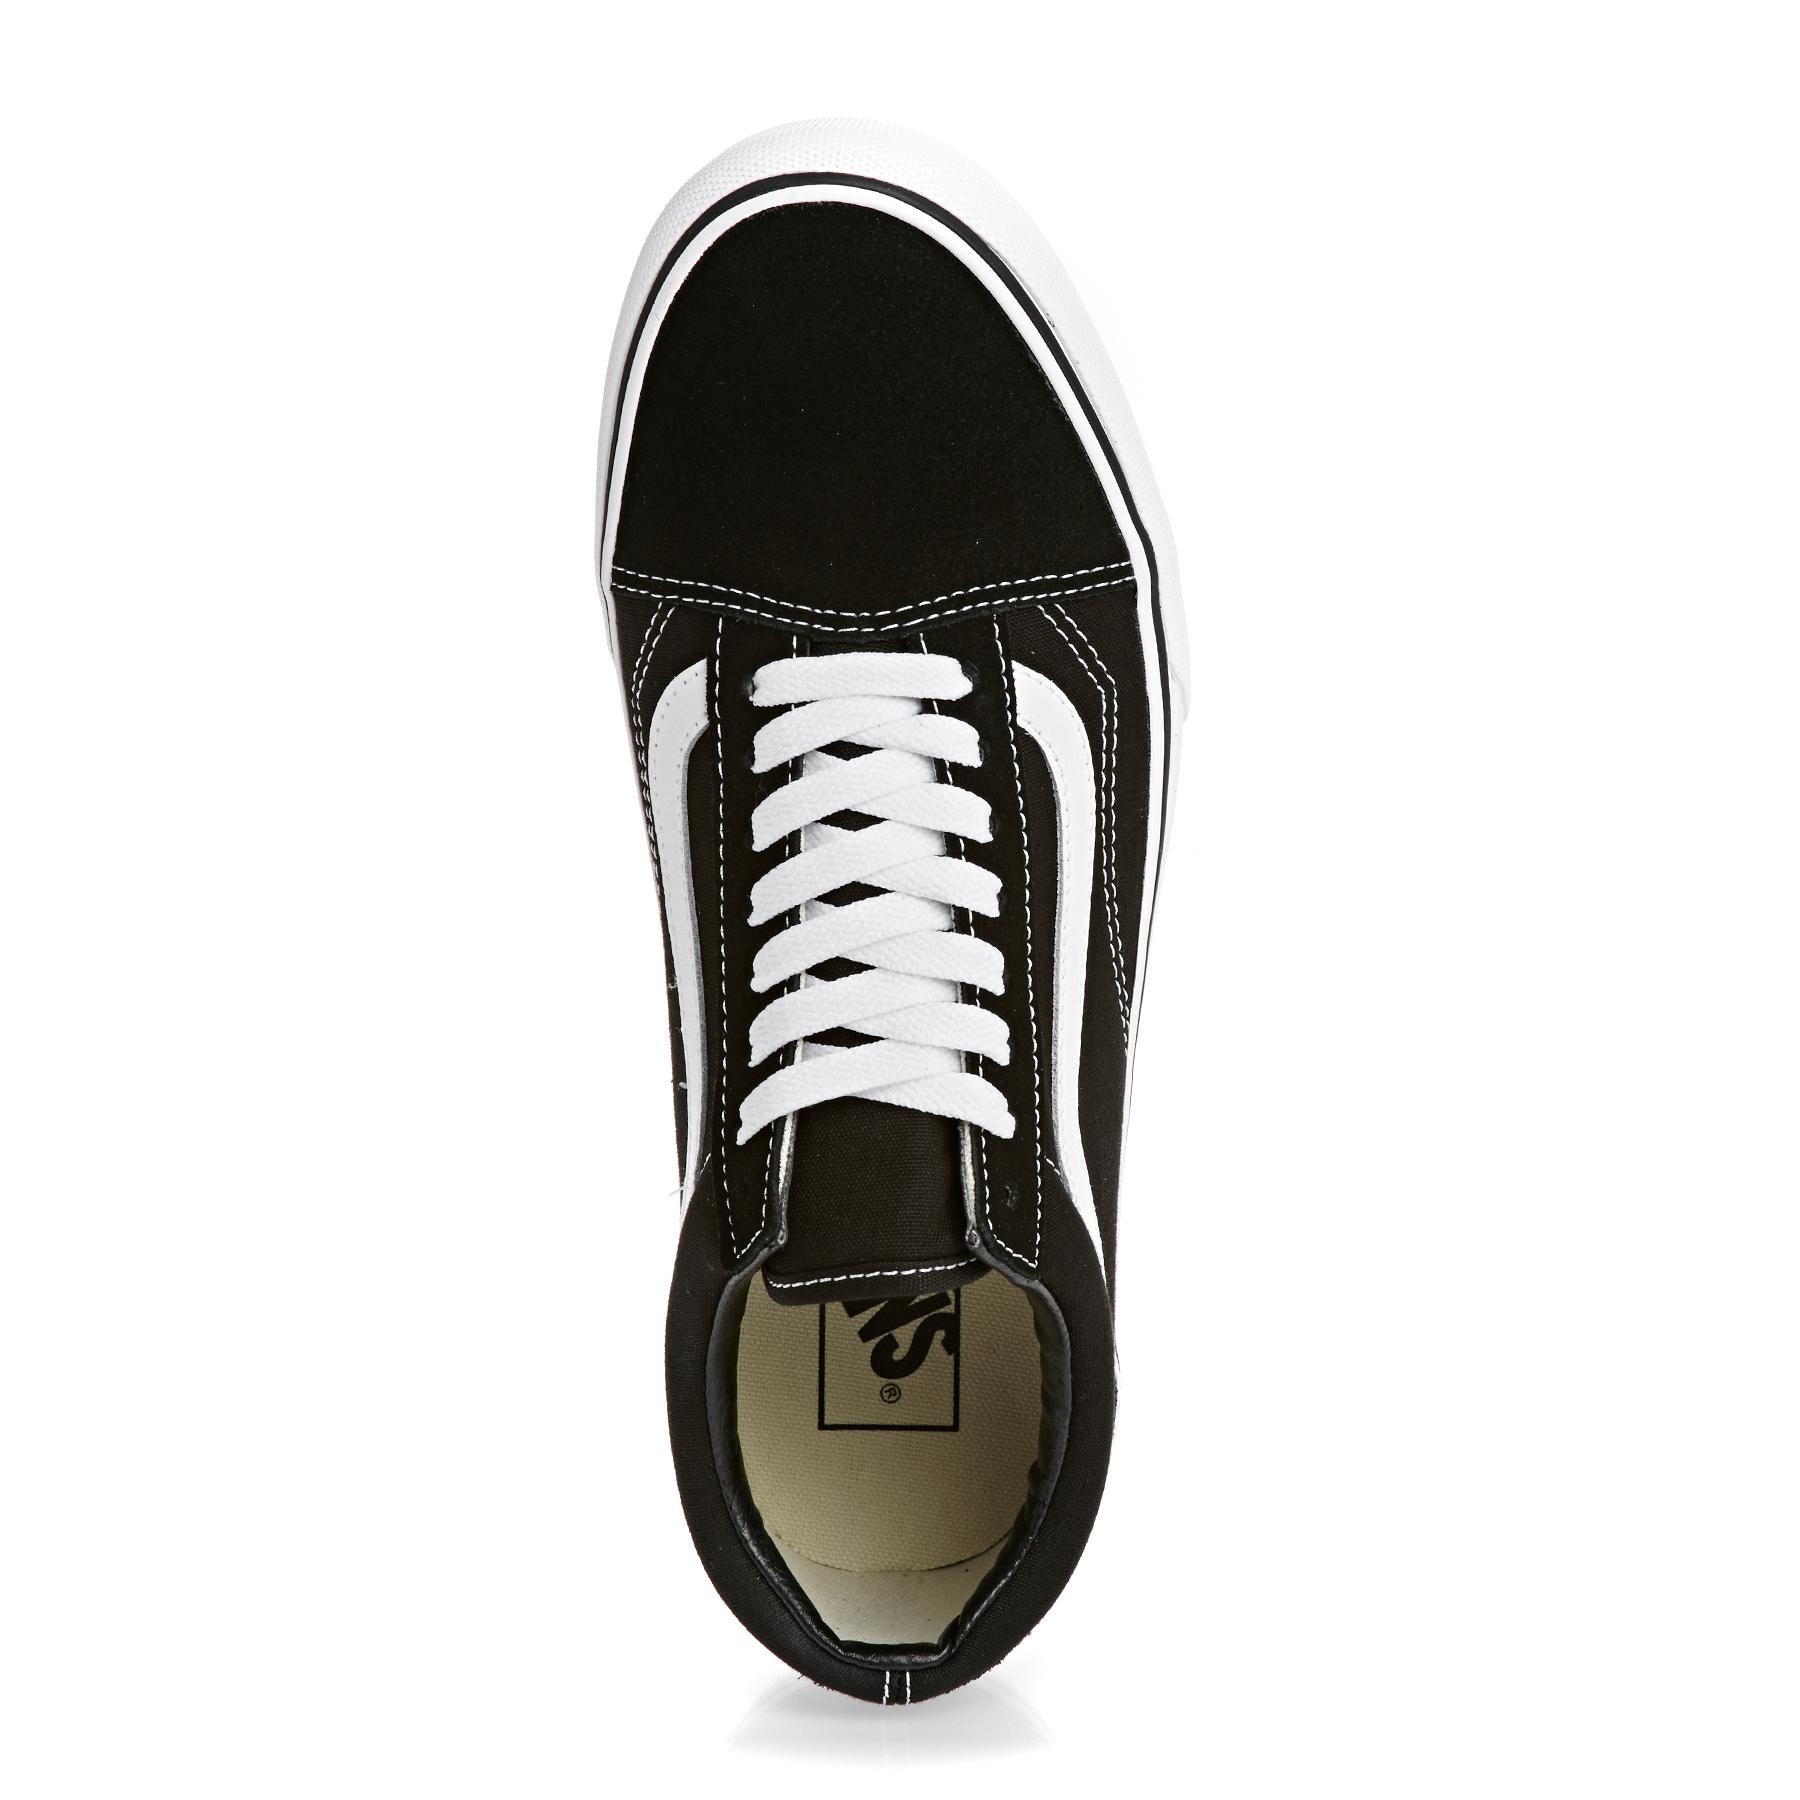 Vans Old Skool Platform Shoes - Free